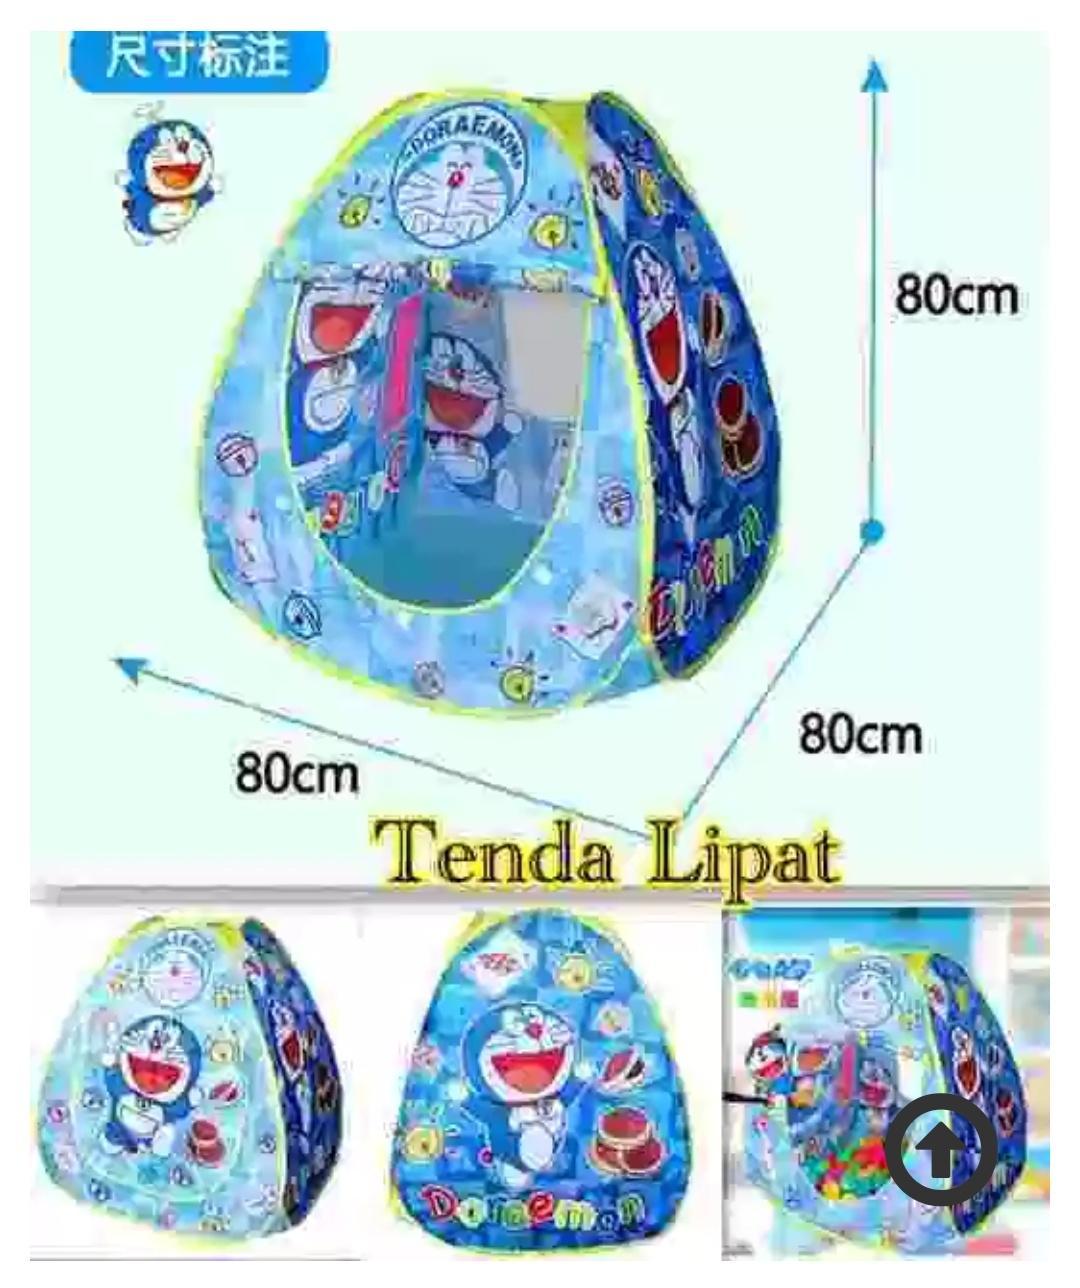 Jual Tenda Lipat Murah Garansi Dan Berkualitas Id Store 3x45 Ketebalan Besi 06 Mm Rp 275000 Anak Doraemonidr275000